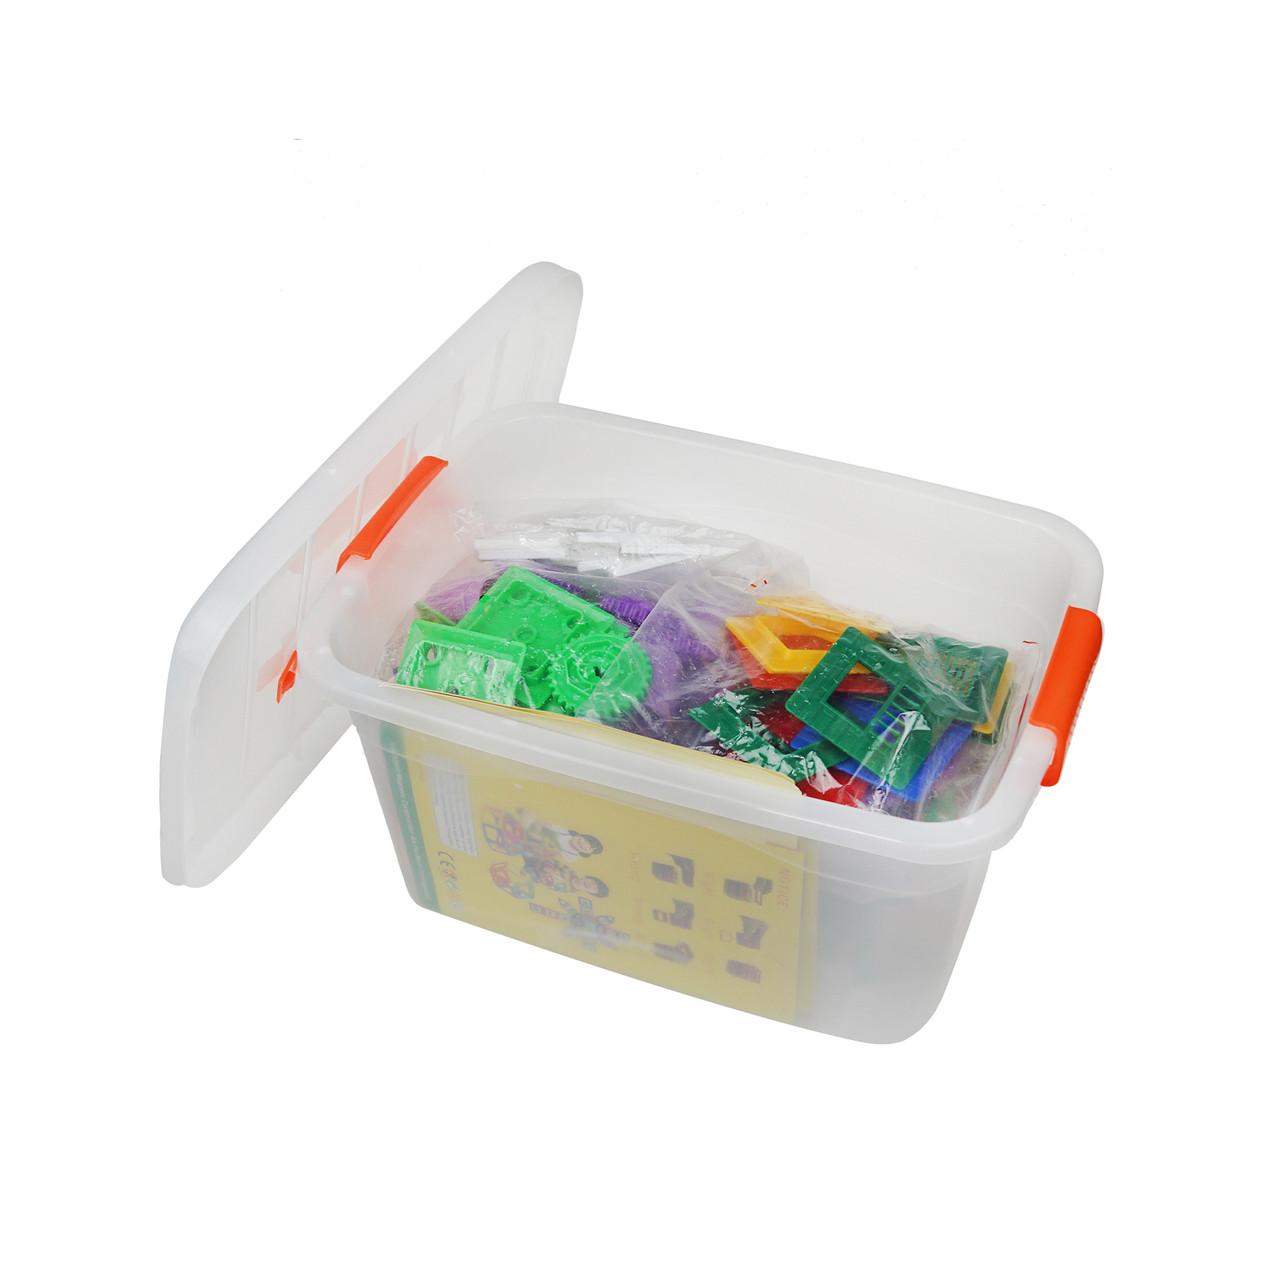 Магнитный конструктор 258 предметов, Магнитный конструктор 3D, Конструкторы